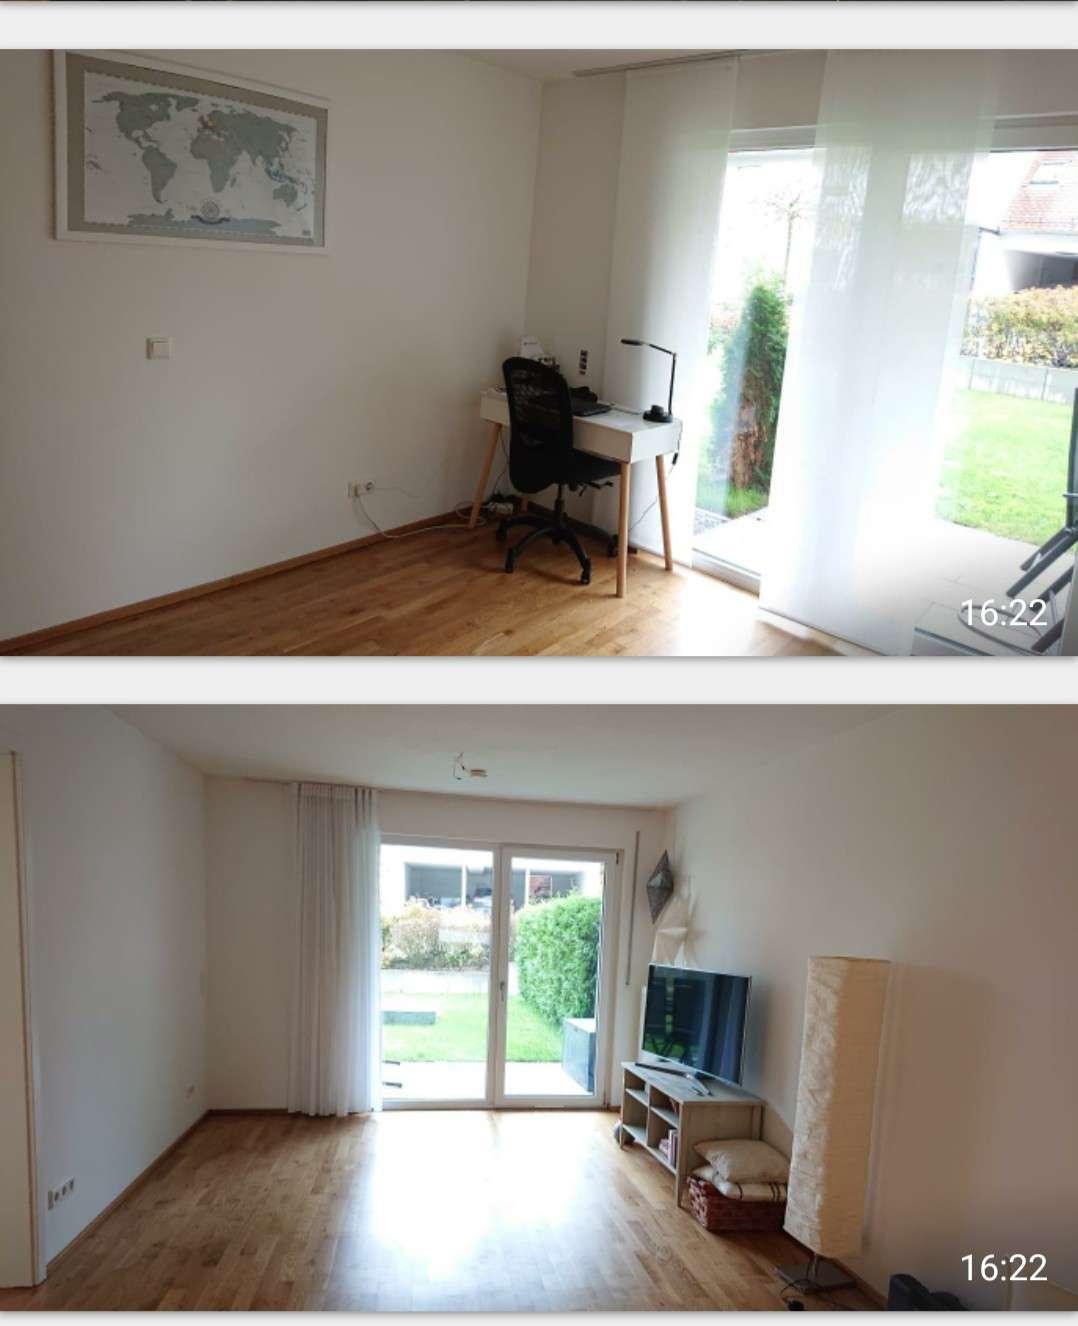 Exklusive, neuwertige 2-Zimmer-EG-Wohnung mit EBK in Erlangen in Sieglitzhof (Erlangen)